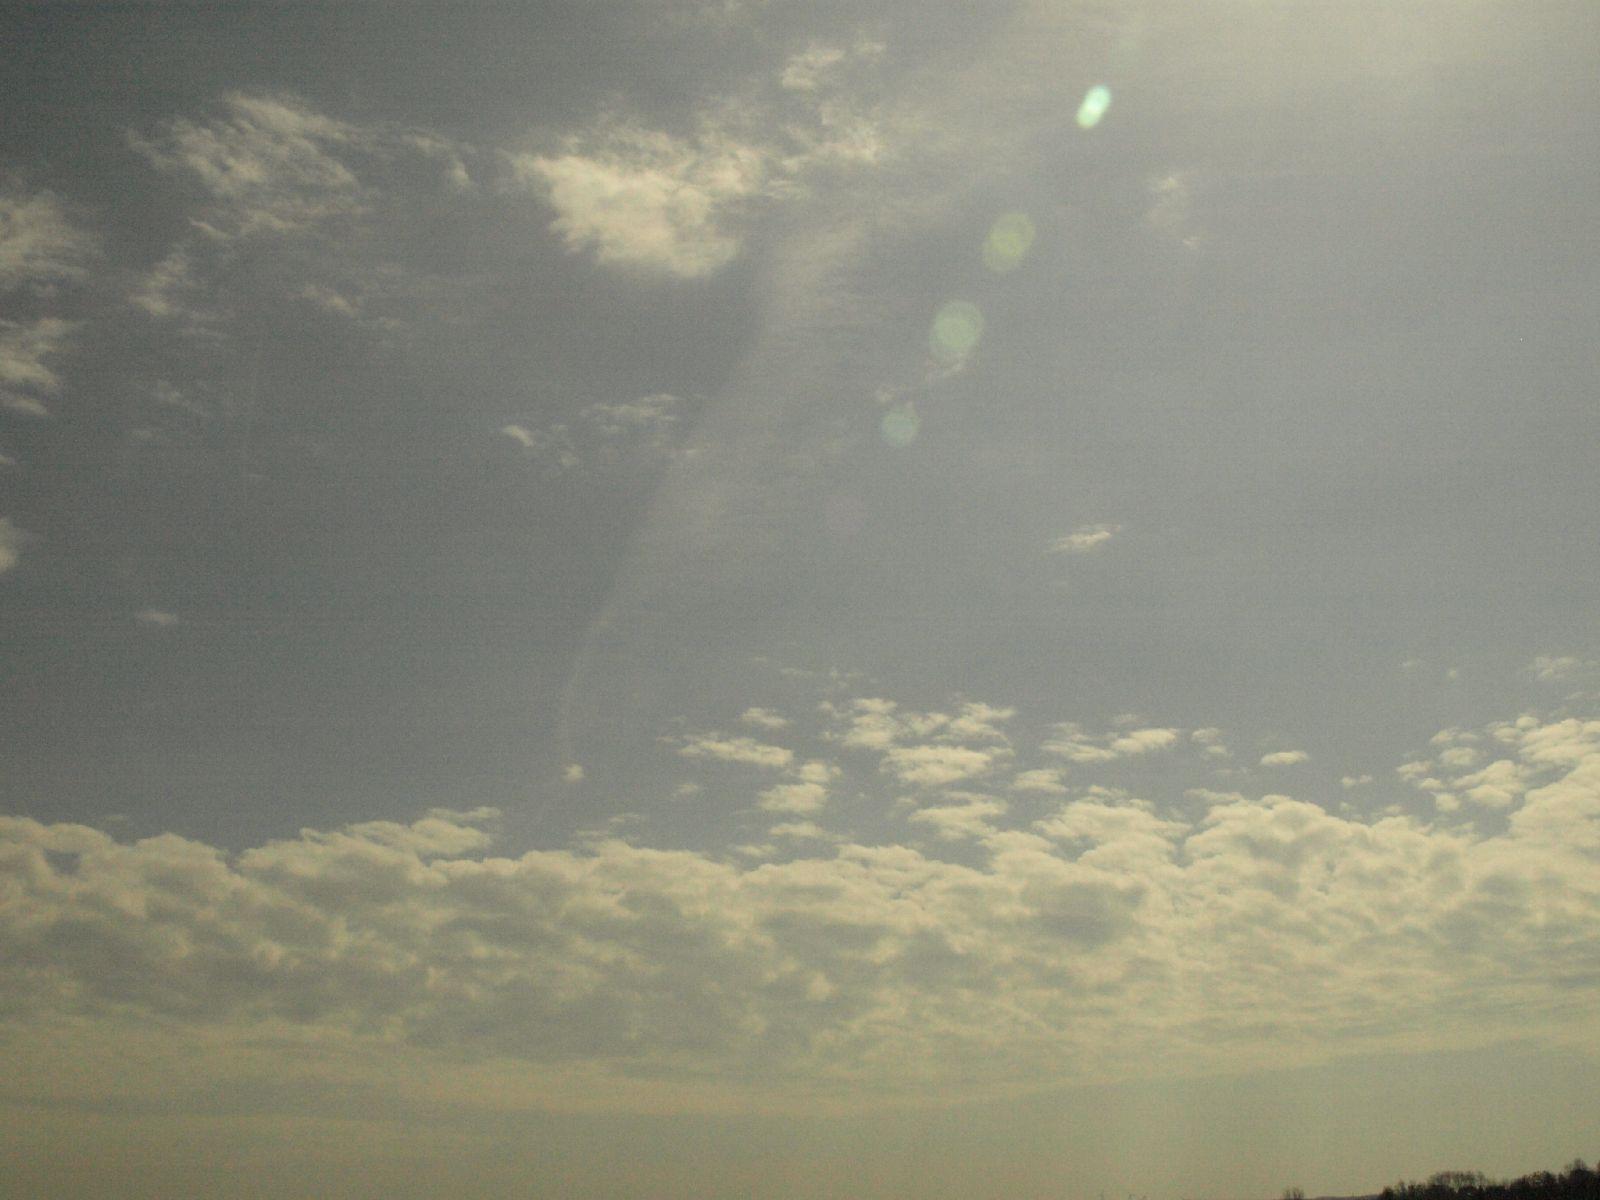 Himmel-Wolken-Foto_Textur_A_P4101893